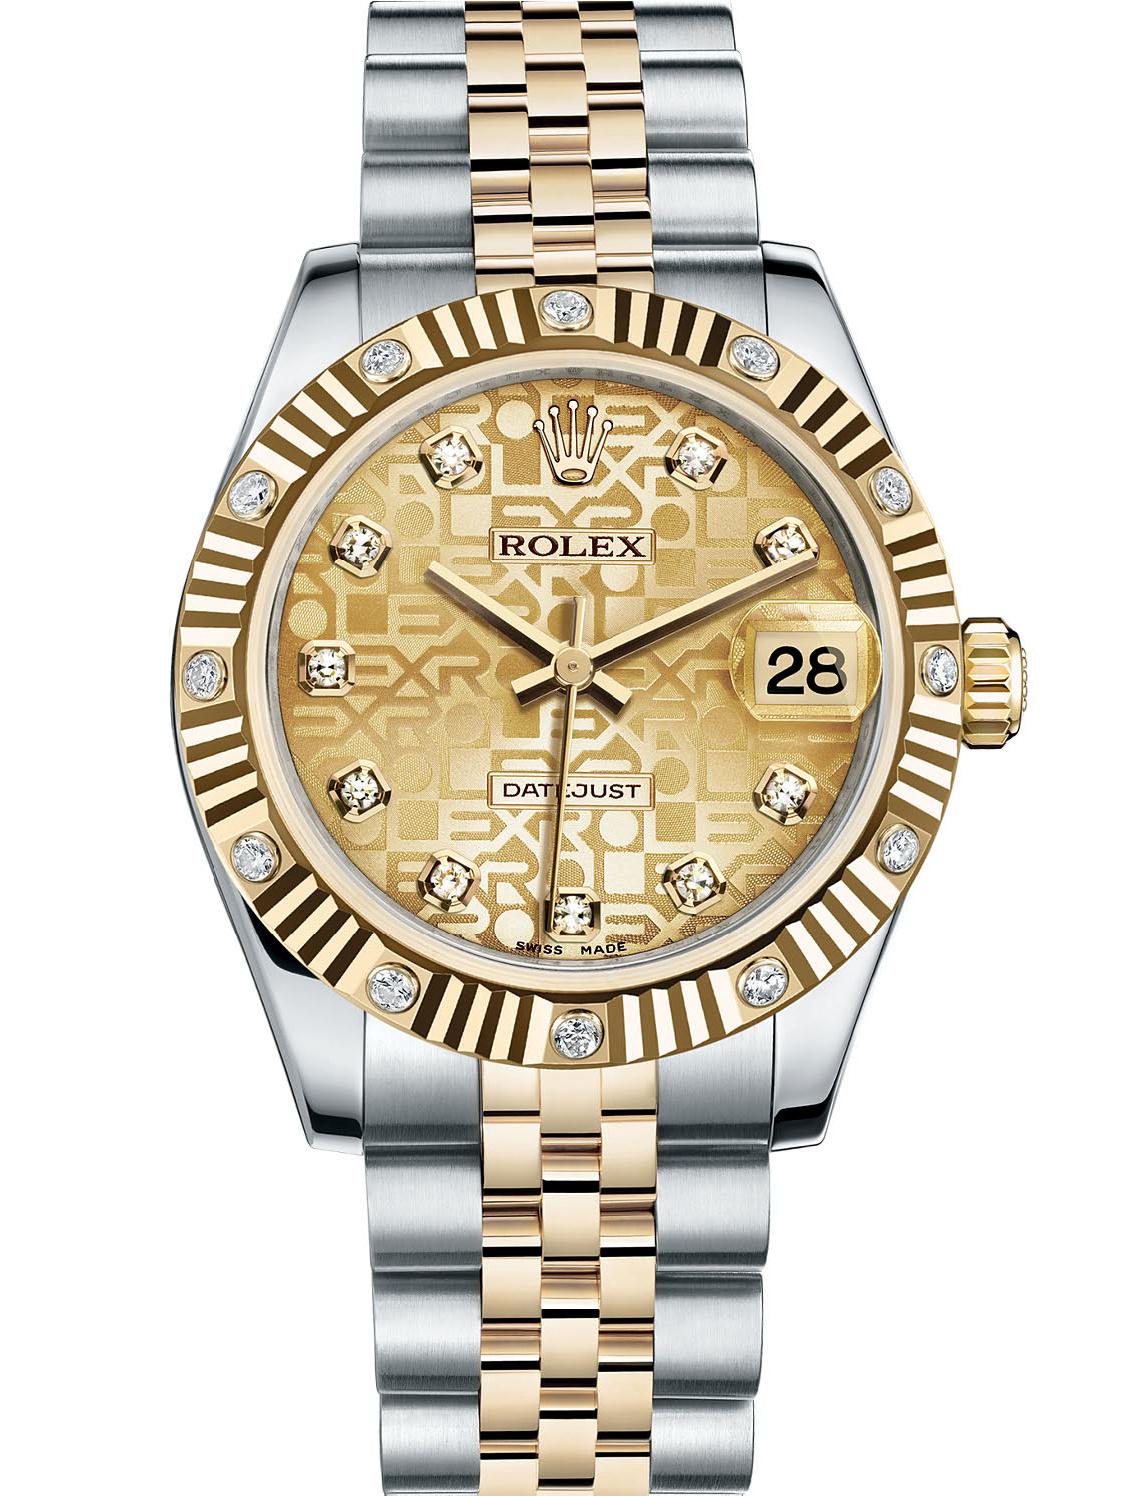 劳力士女装日志型31黄金钢牙圈香槟色纪念纹面镶钻女表178313-0030